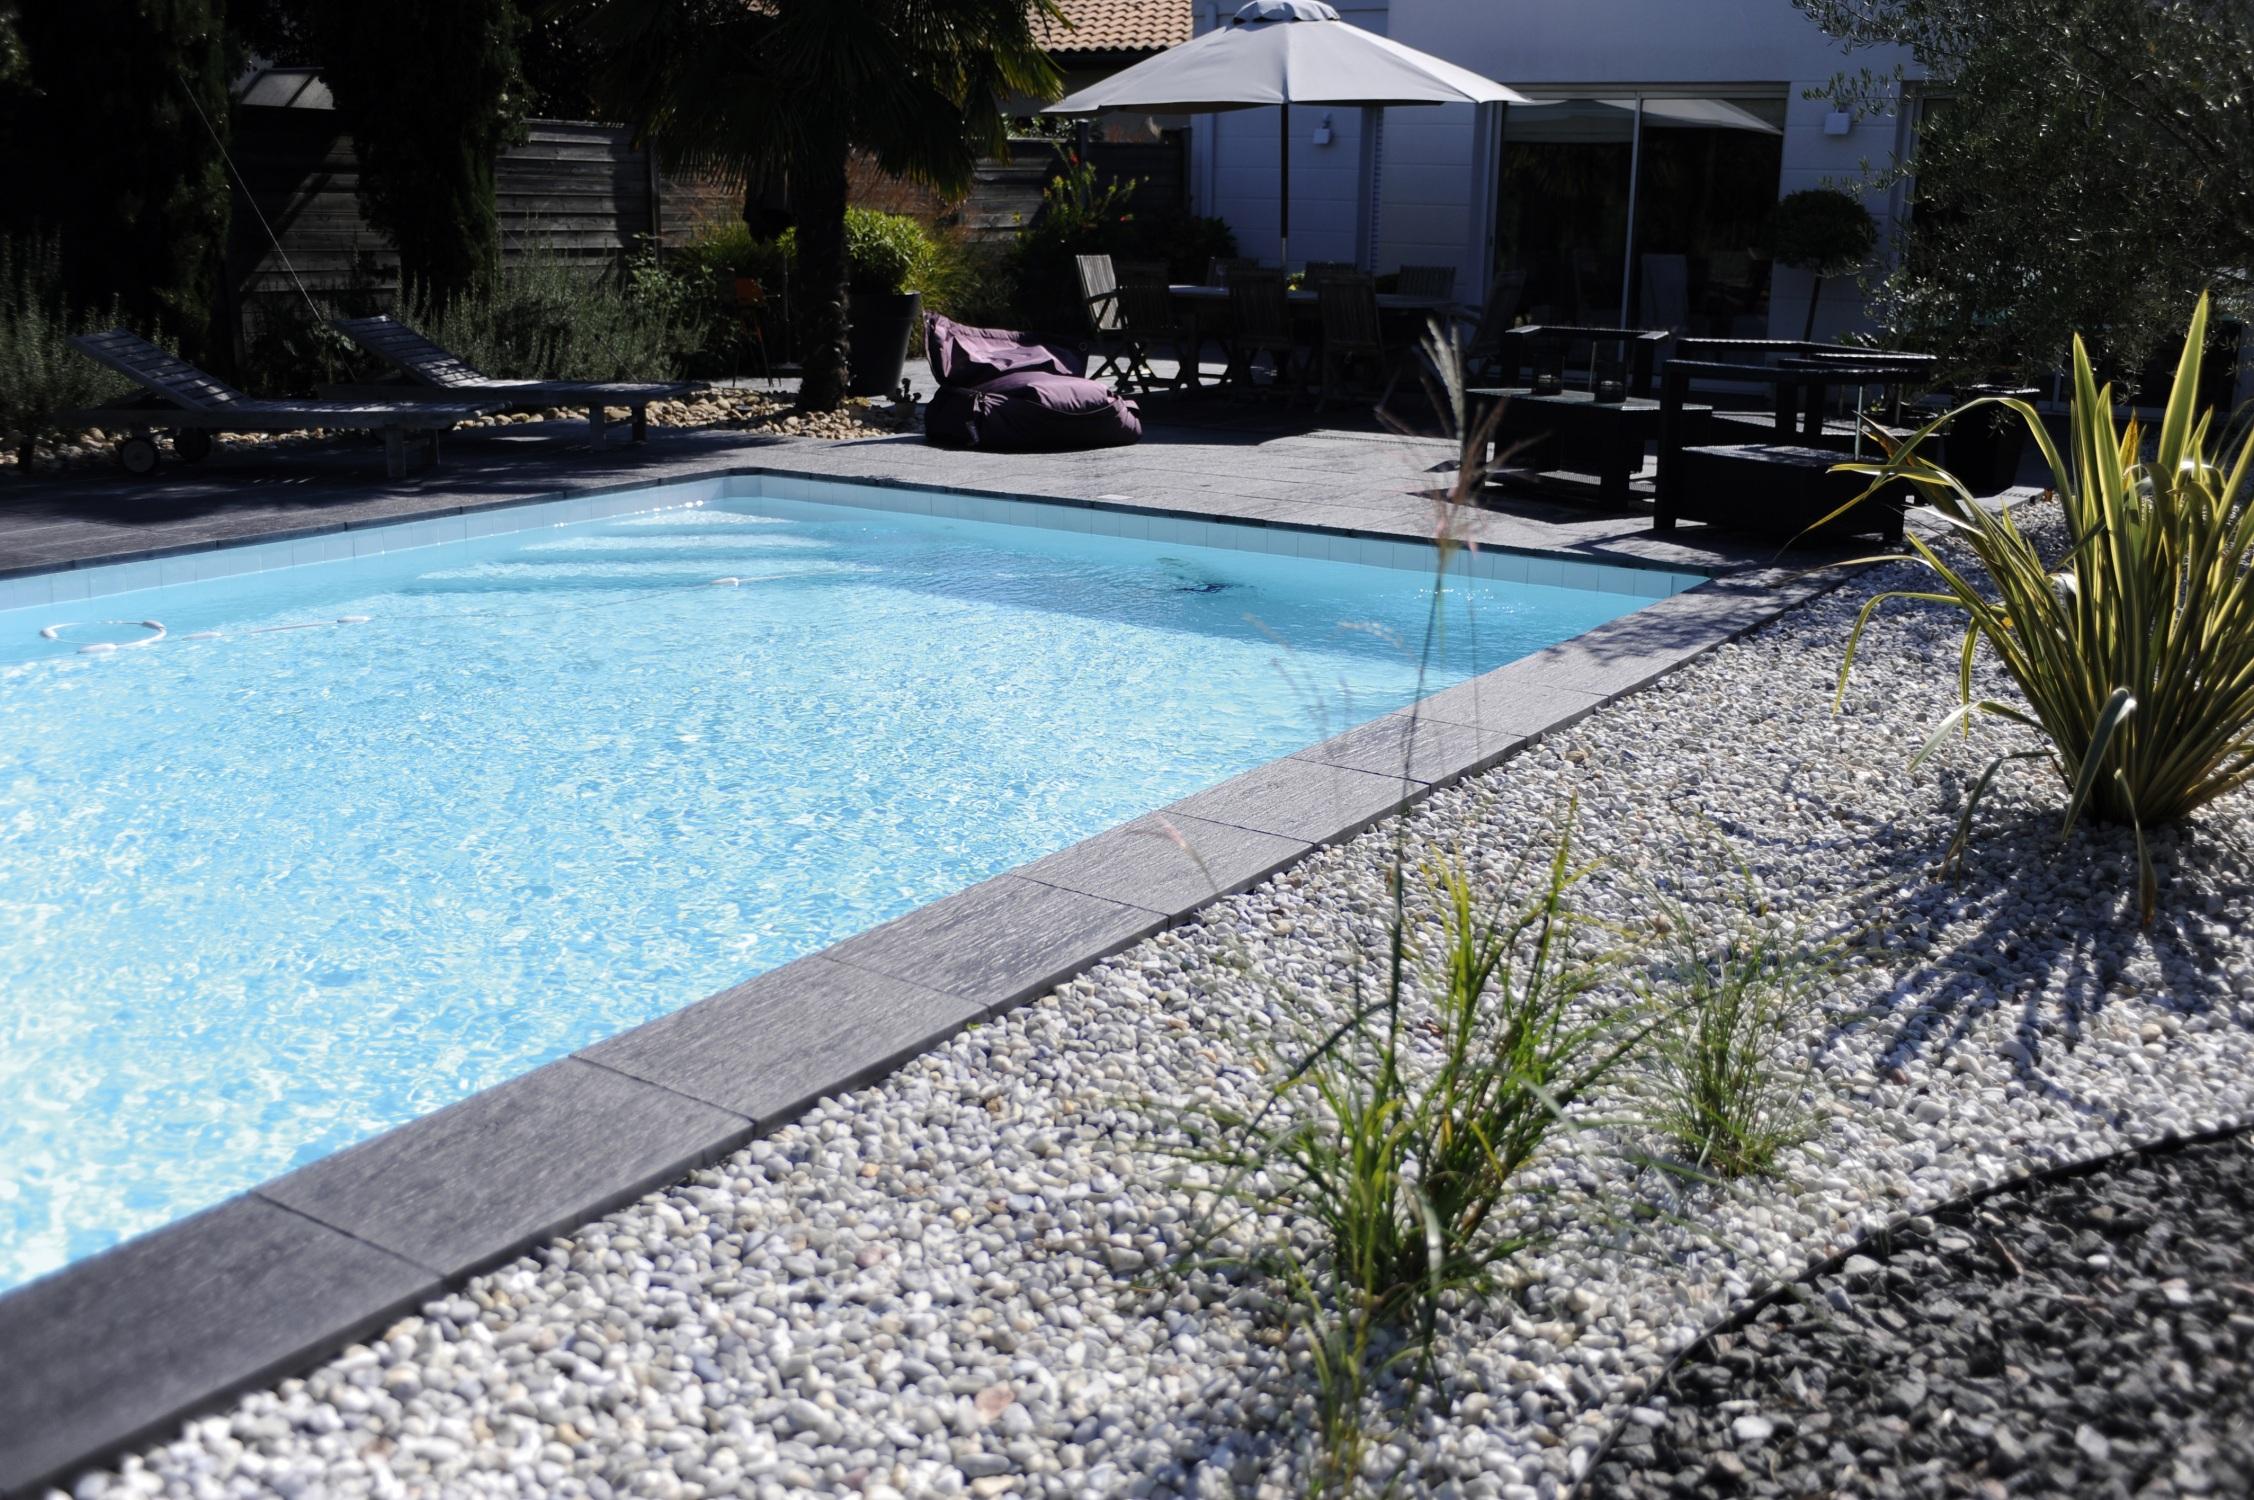 Photo D Amenagement Piscine destiné amenagement piscine pierre